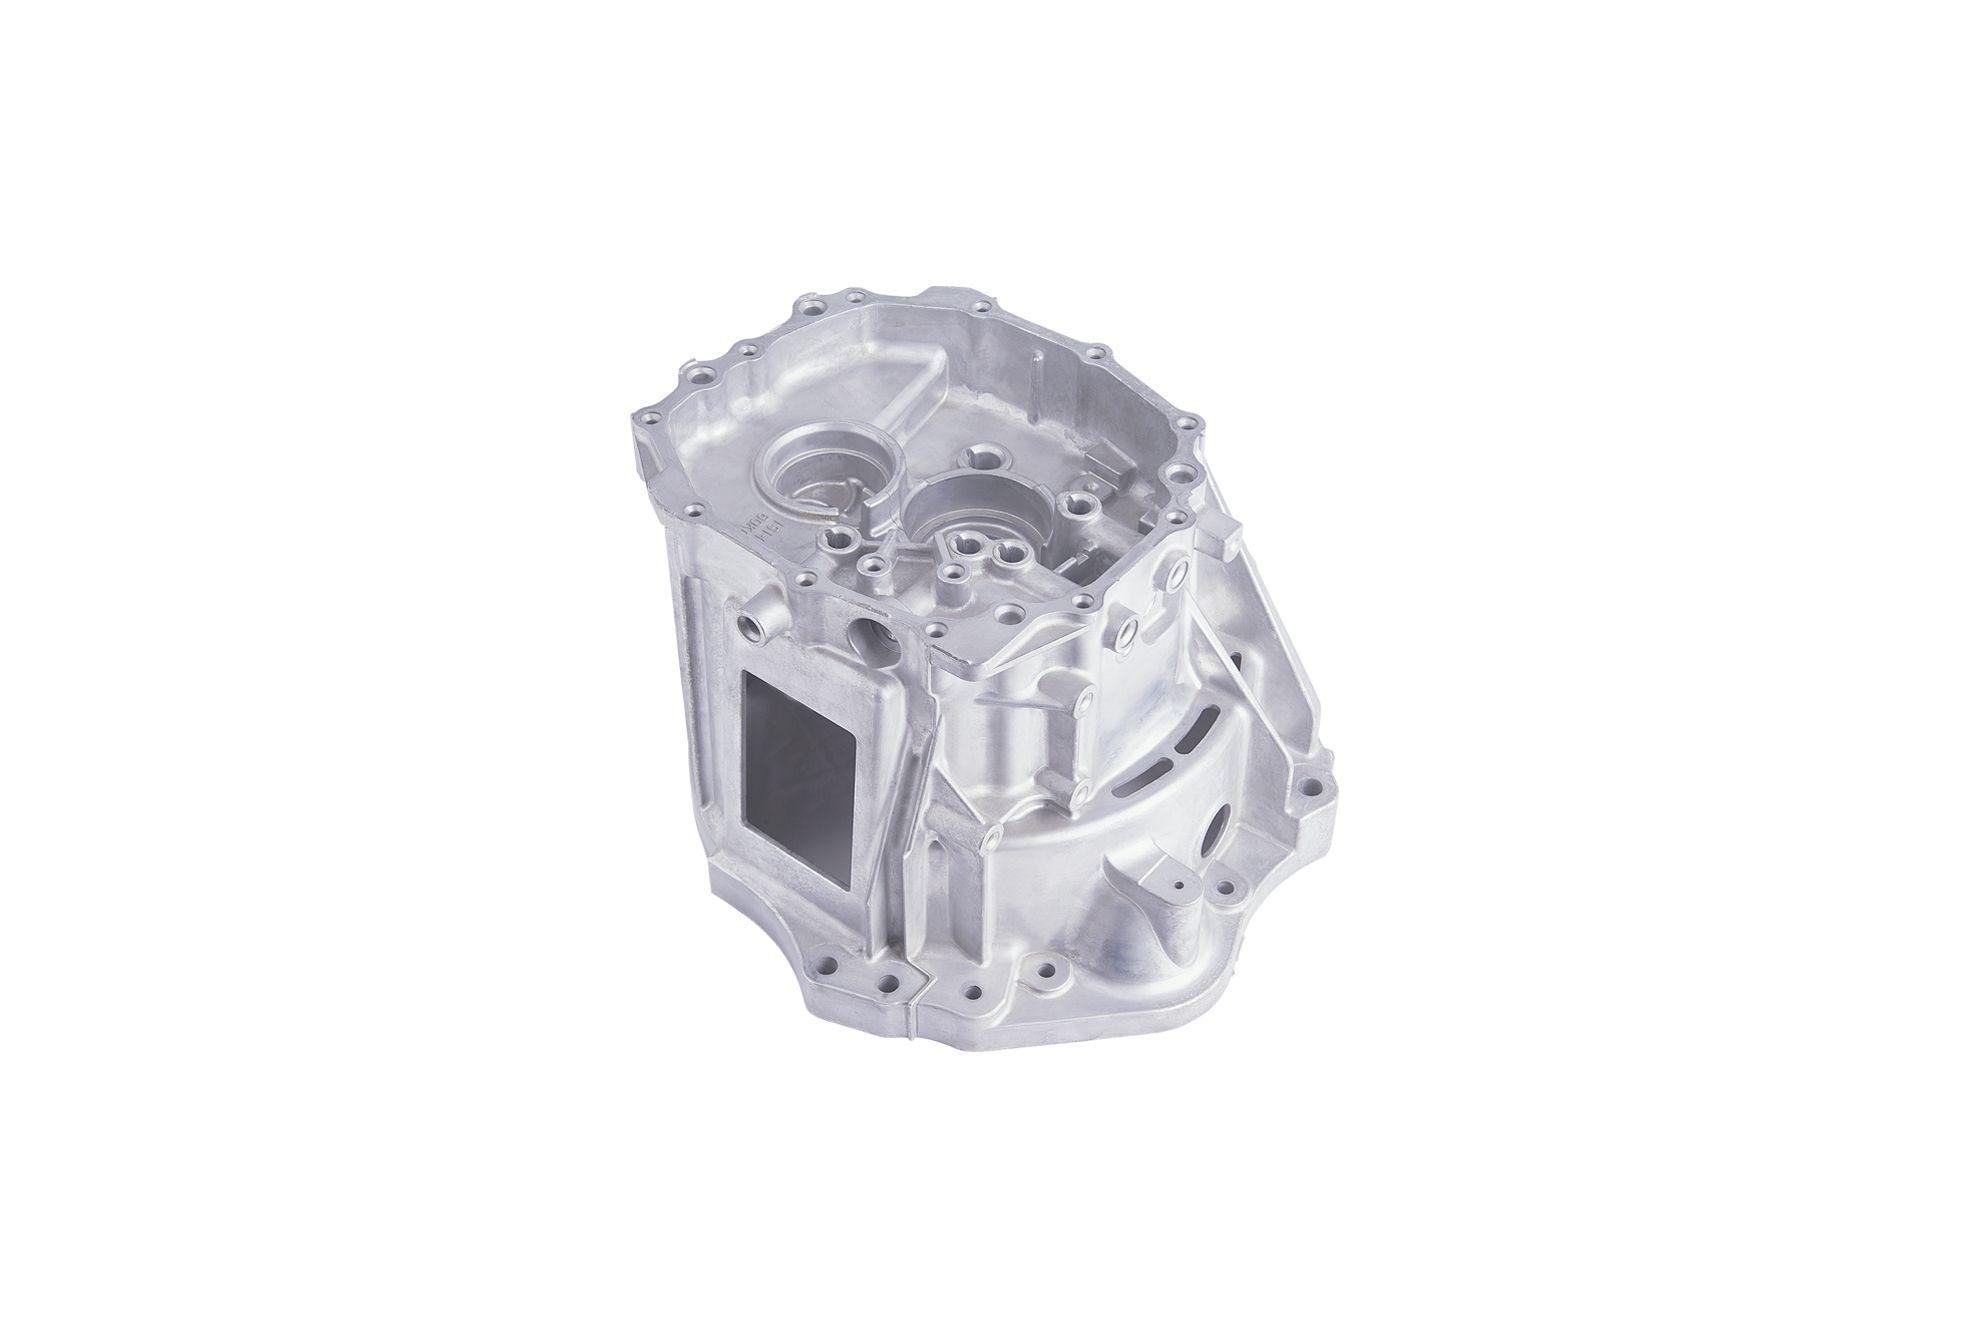 die-casting-case-transmission-front